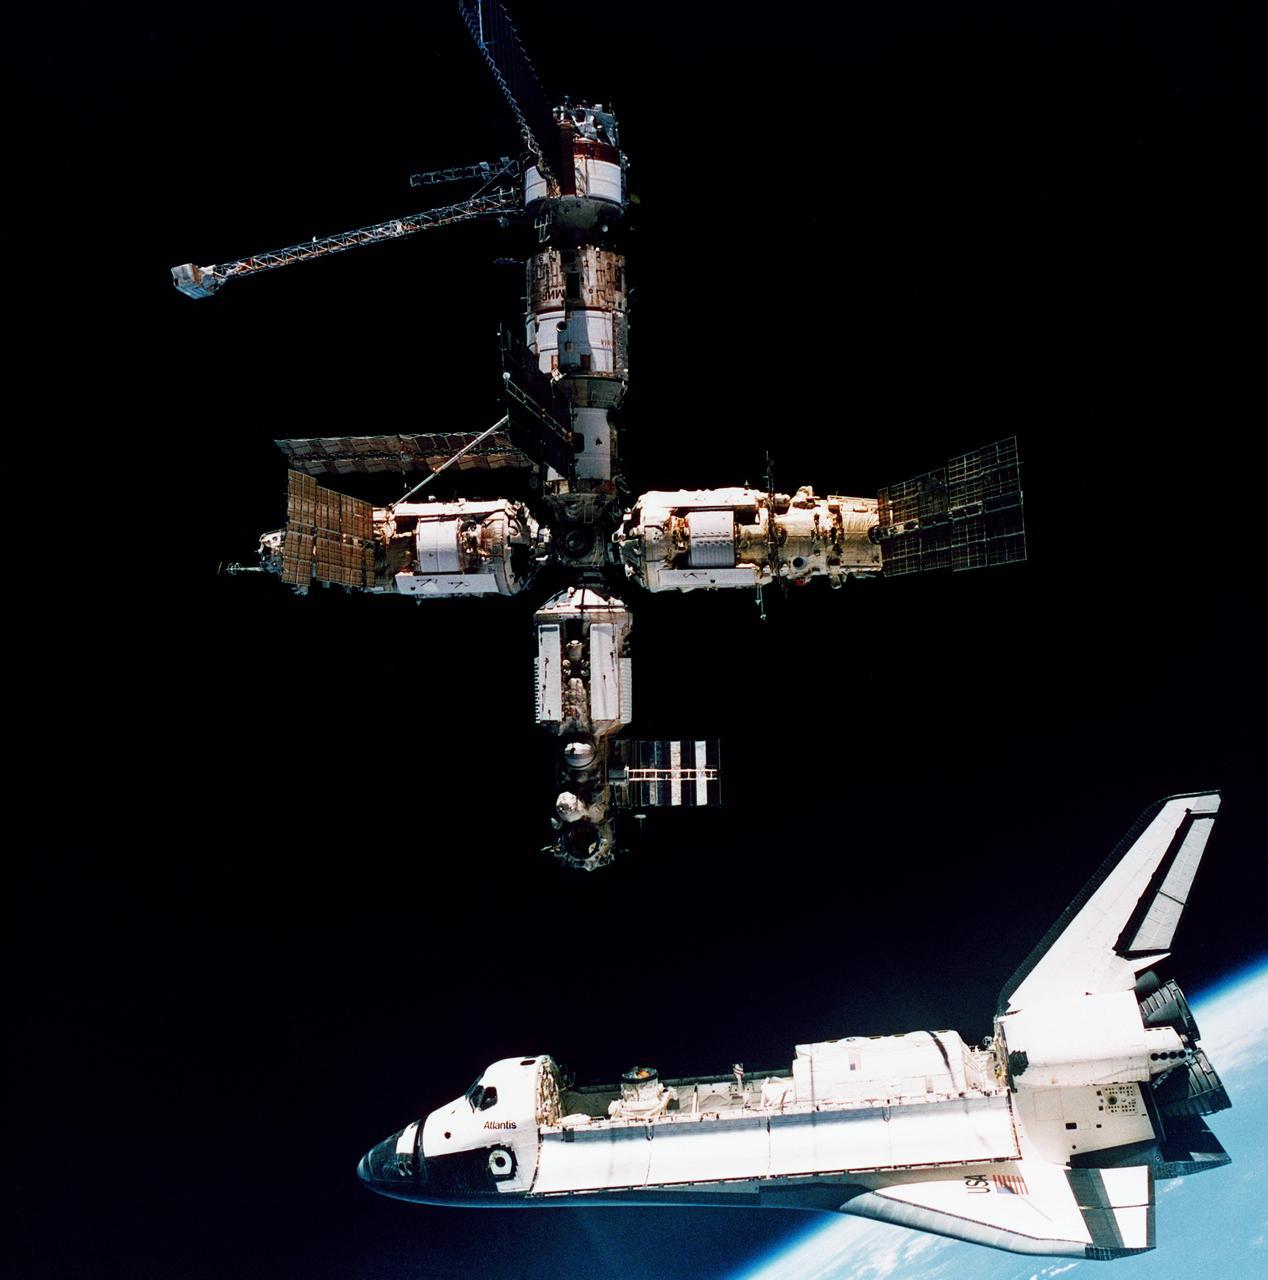 Шаттл «Атлантис» готовится к стыковке со станцией «Мир». 1995 год